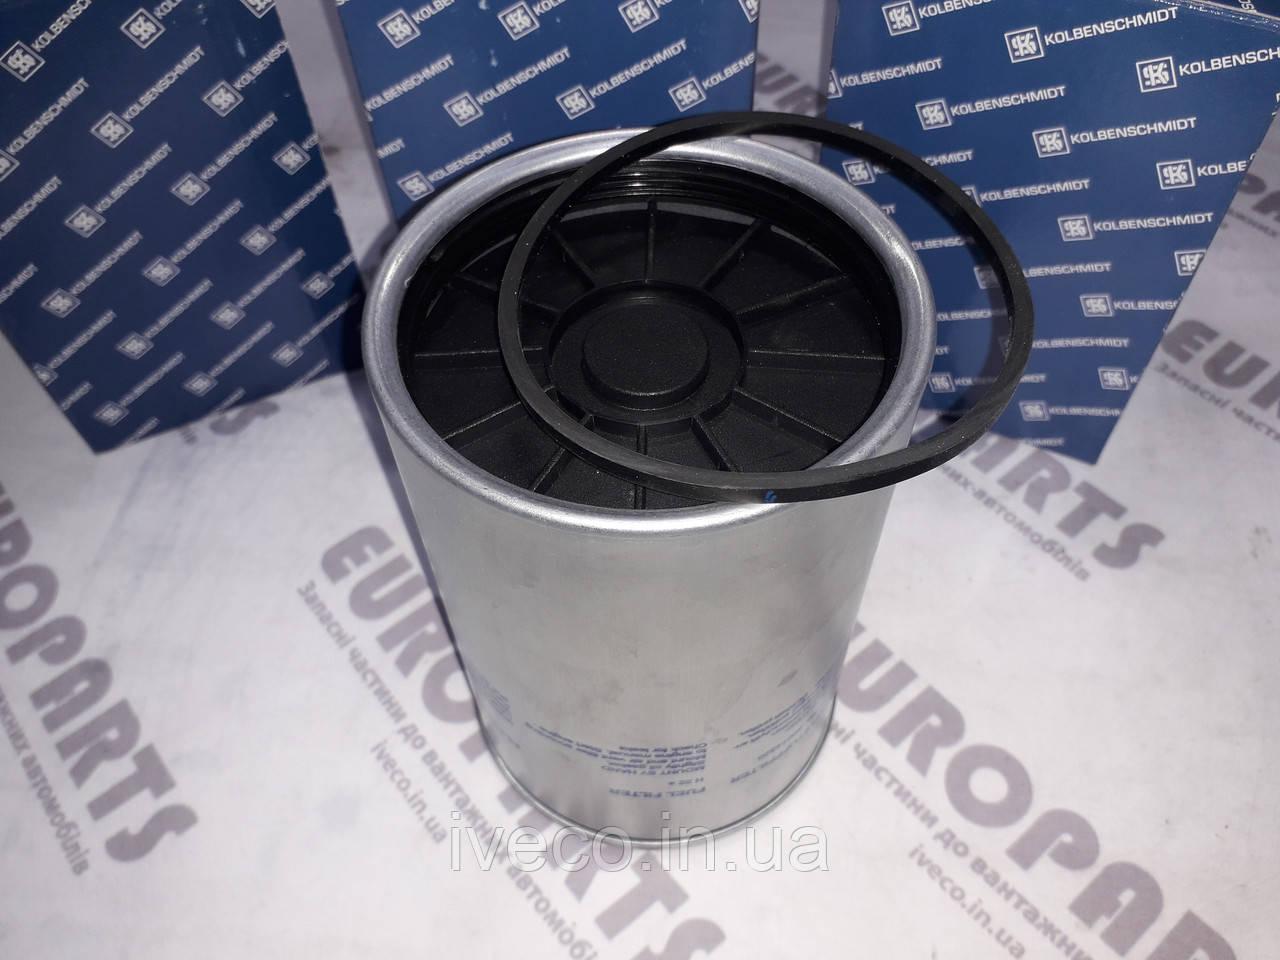 Фильтр топливный  IVECO STRALIS TRAKKER E5 Ивеко Стралис Тракер Евро5  504272431 504086268 42549295